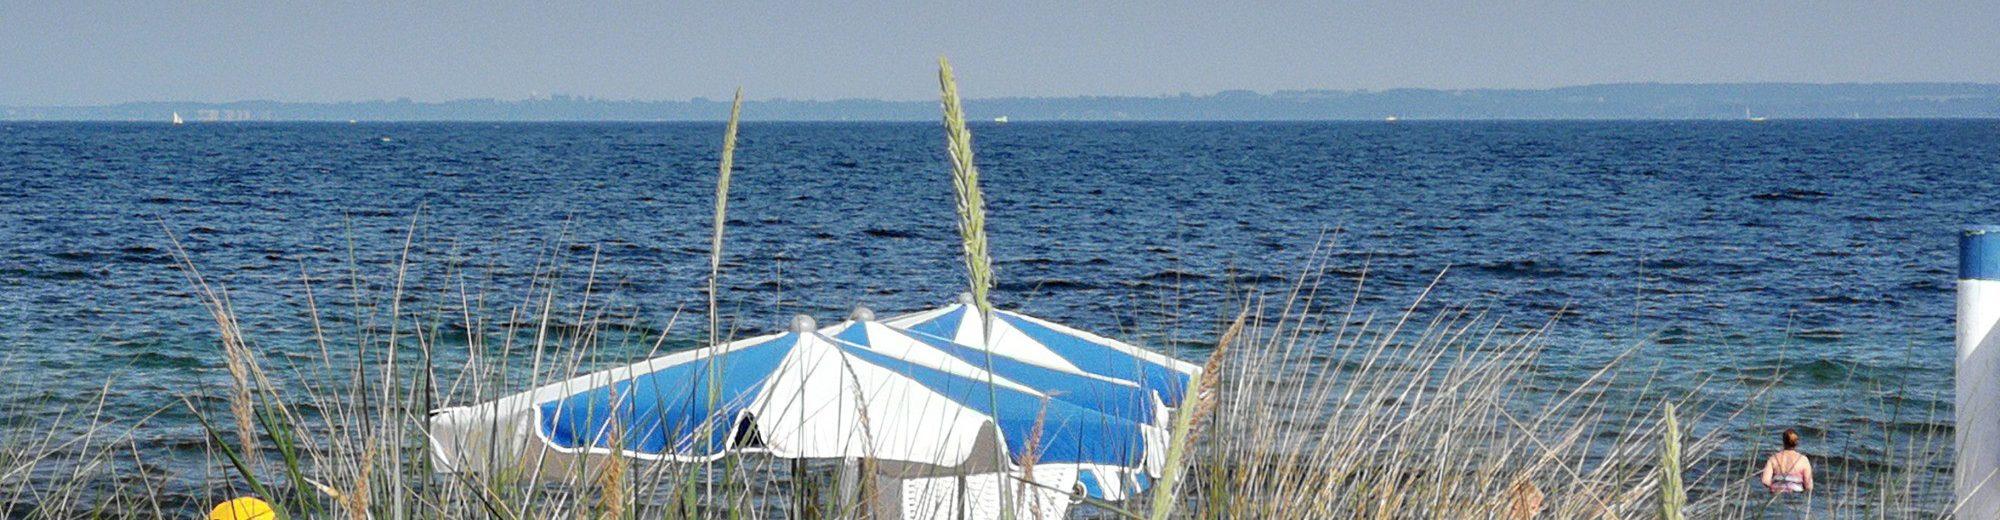 Ostsee Ferienhaus Sonnenschirme